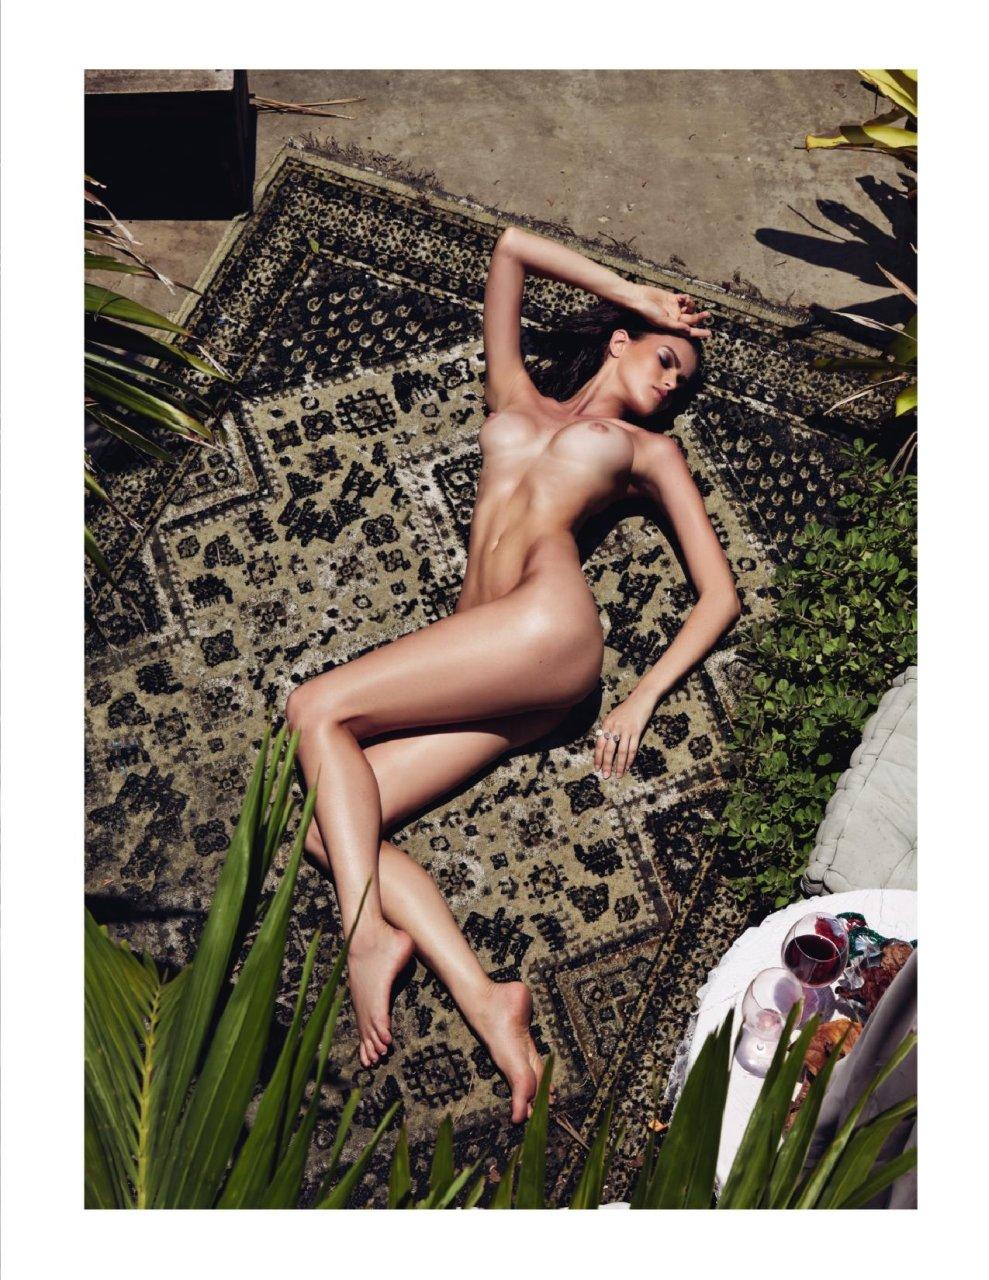 naked (22 photos), Sexy Celebrites image